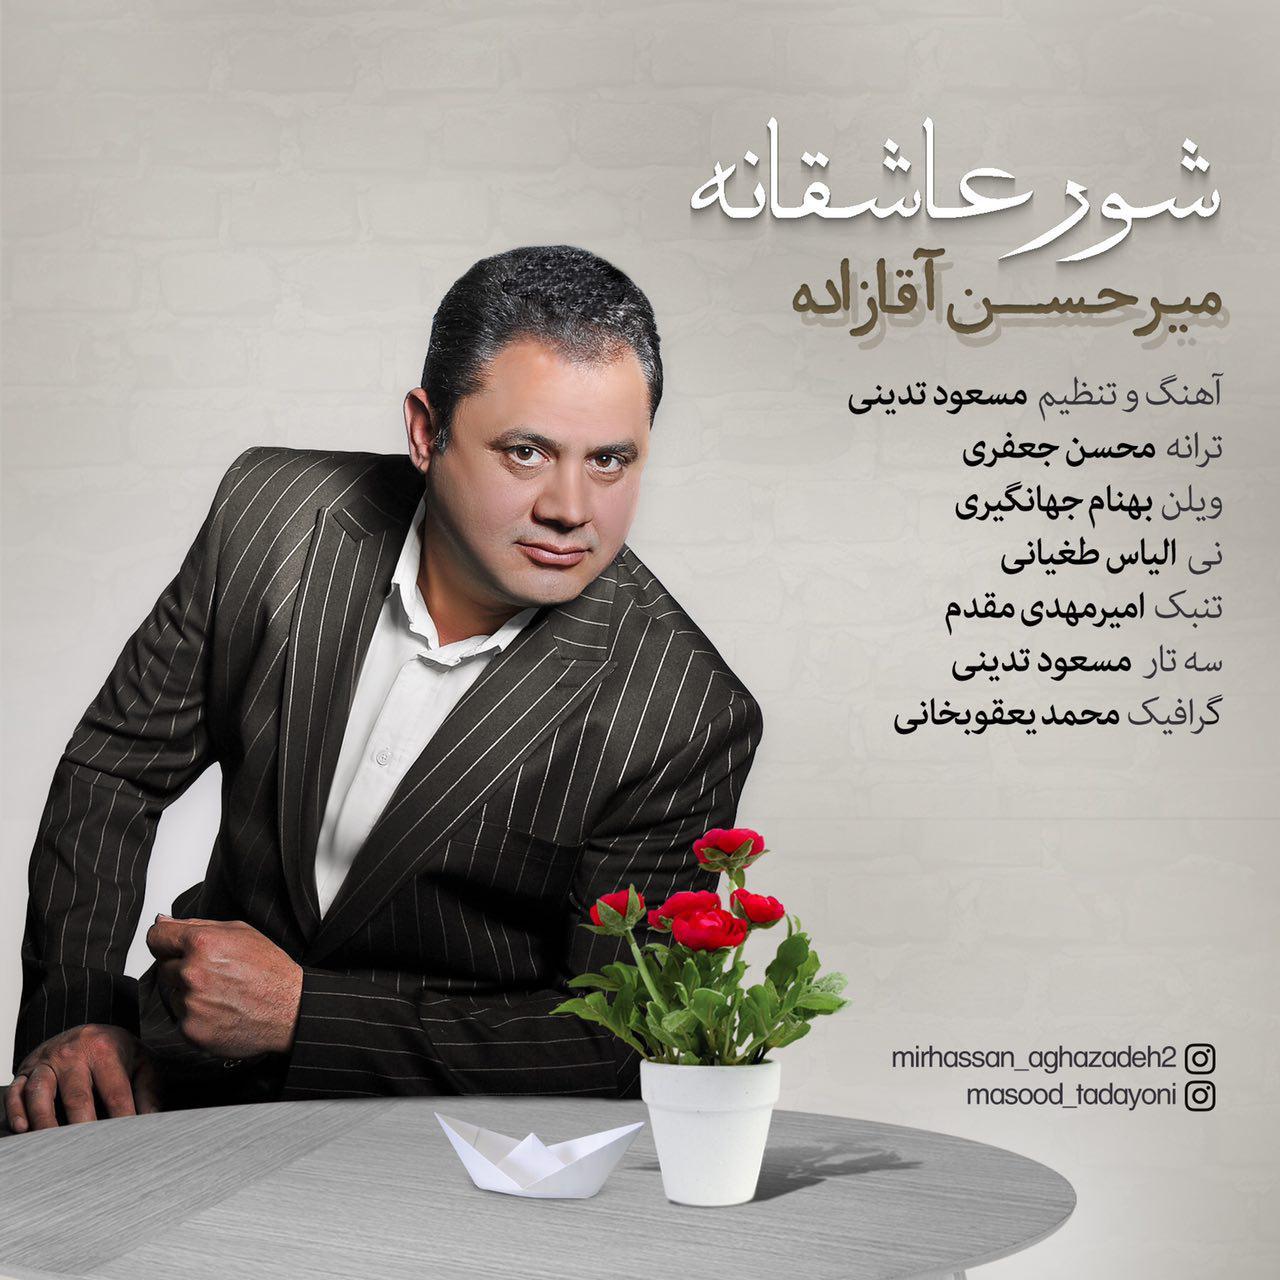 آهنگ   میرحسن آقازاده به نام شور عاشقانه